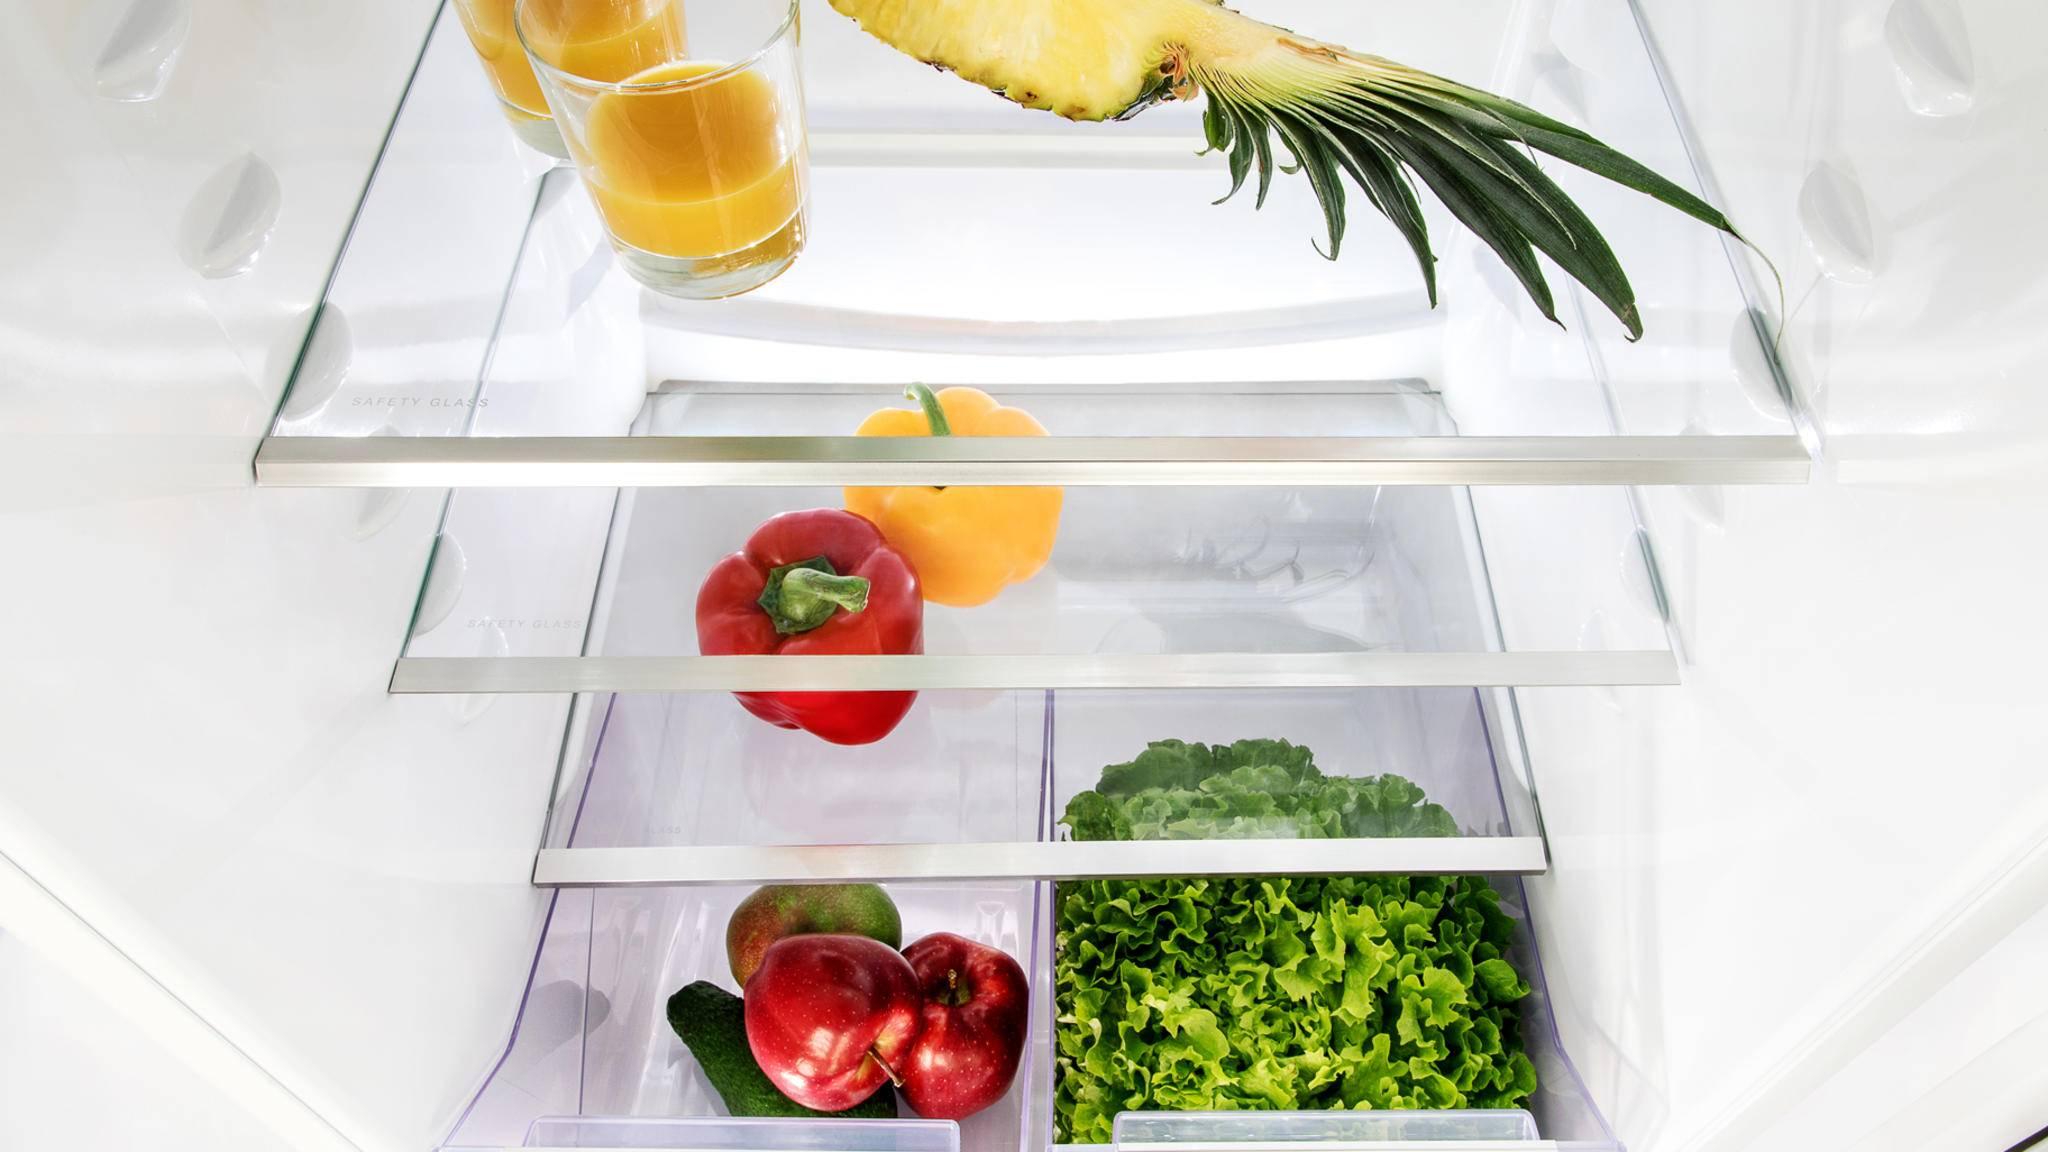 Der Kühlschrank der Zukunft könnte fast komplett recycelbar werden.